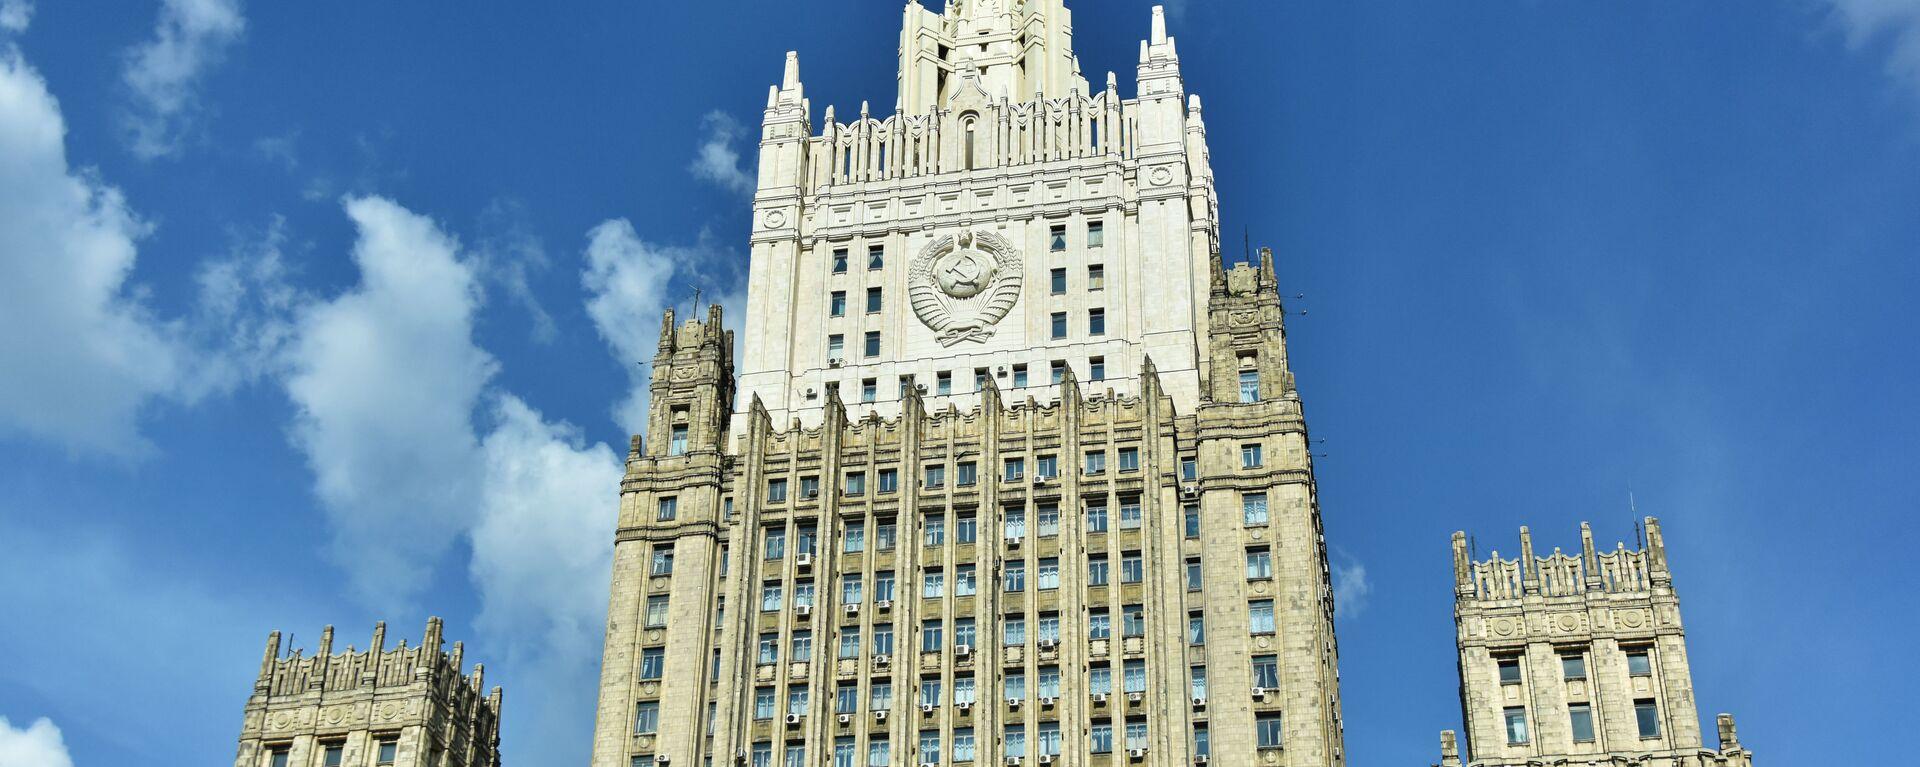 Ministerio de Asuntos Exteriores de Rusia - Sputnik Mundo, 1920, 02.02.2021